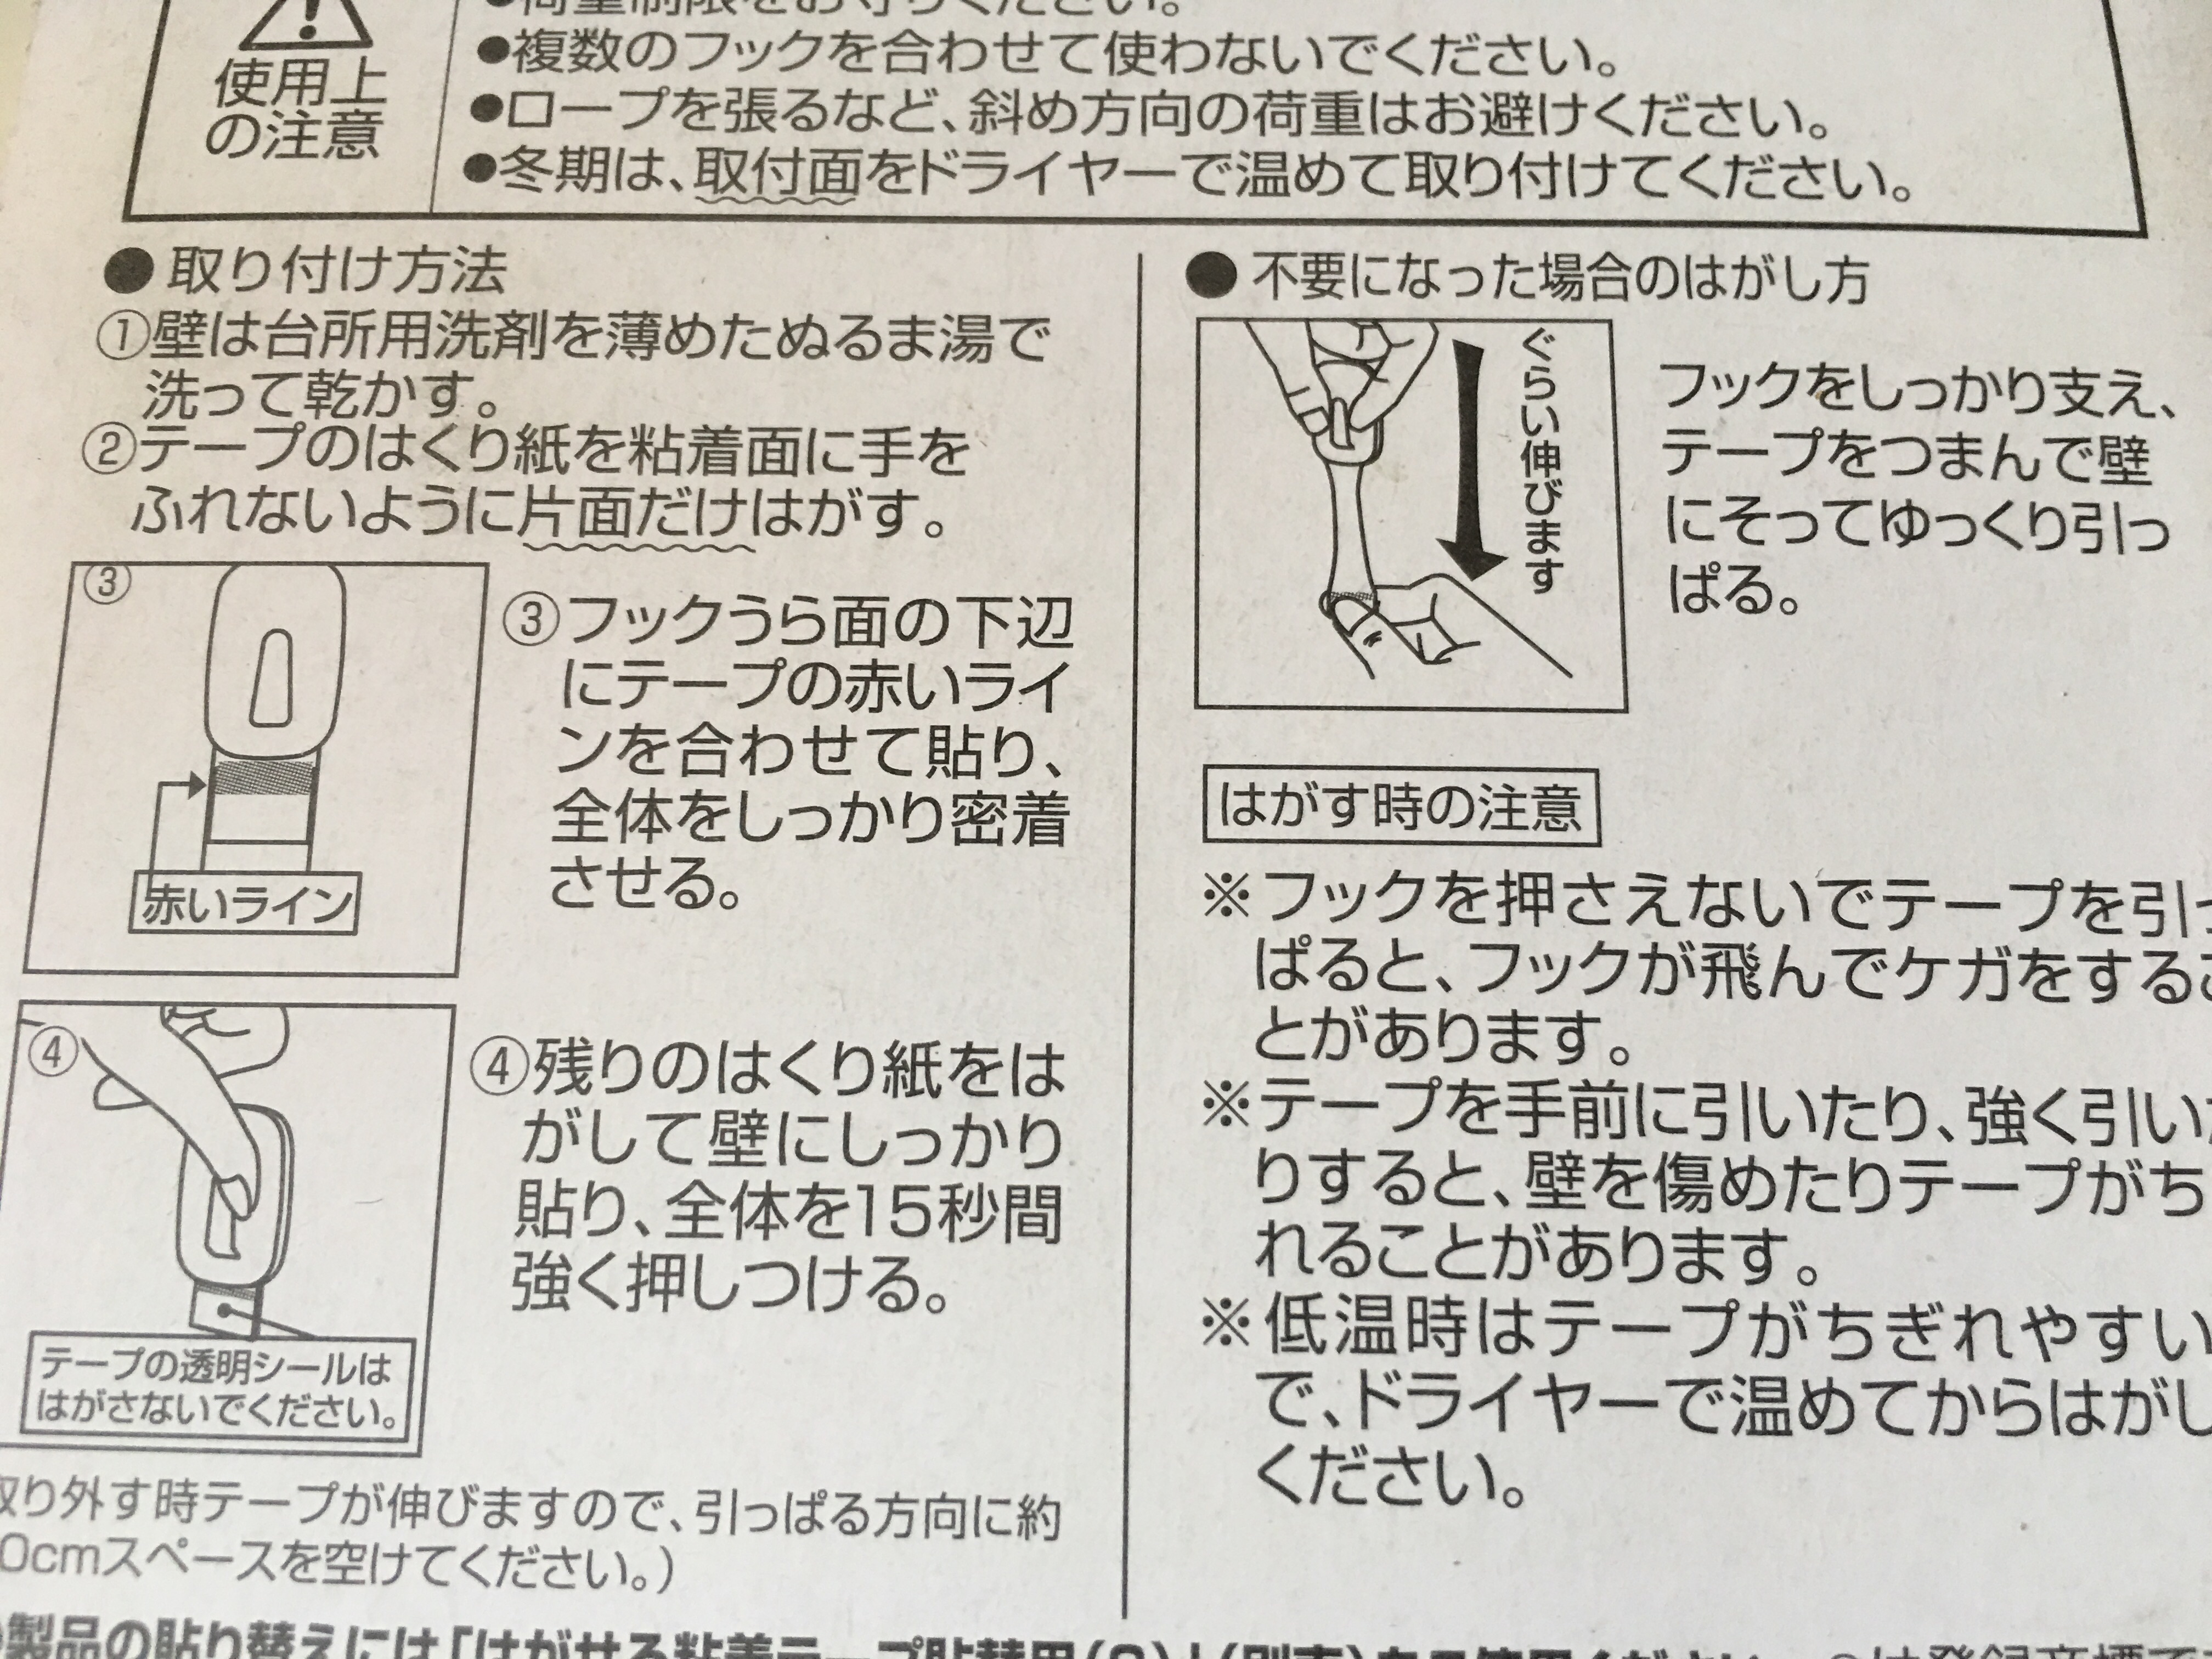 f:id:SeisoSakuya:20190614013711j:image